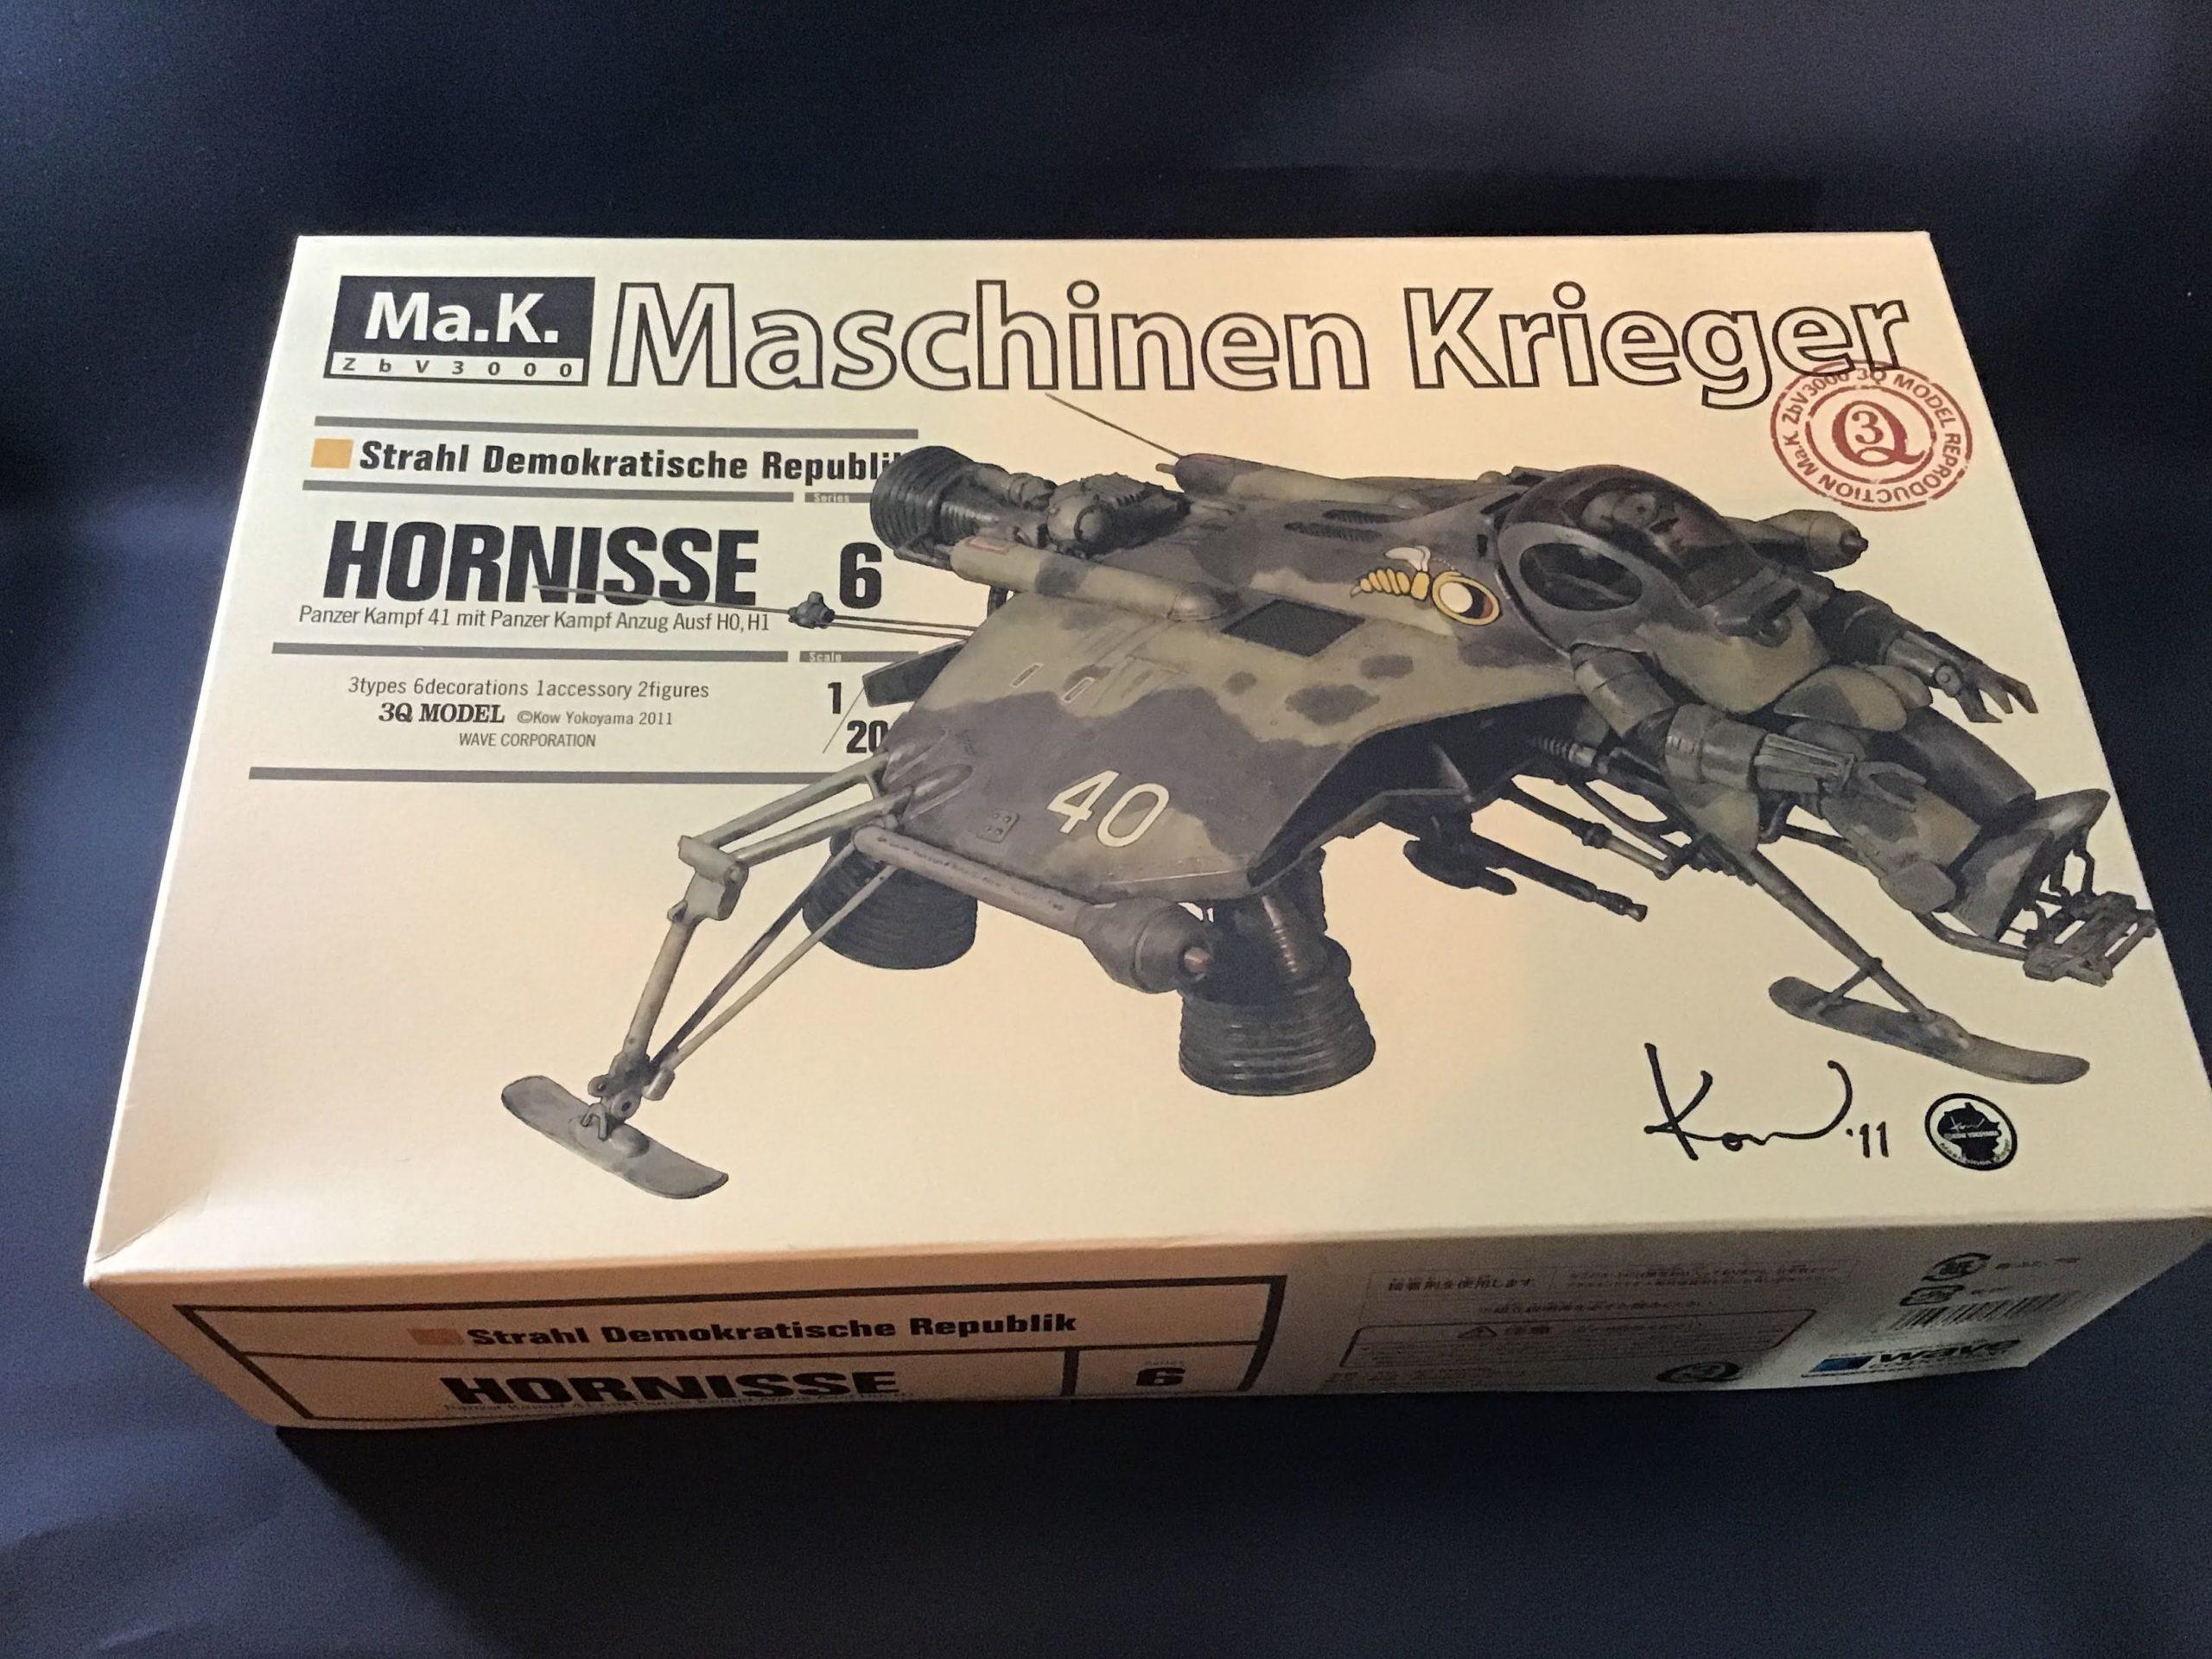 マシーネンクリーガー ホルニッセ